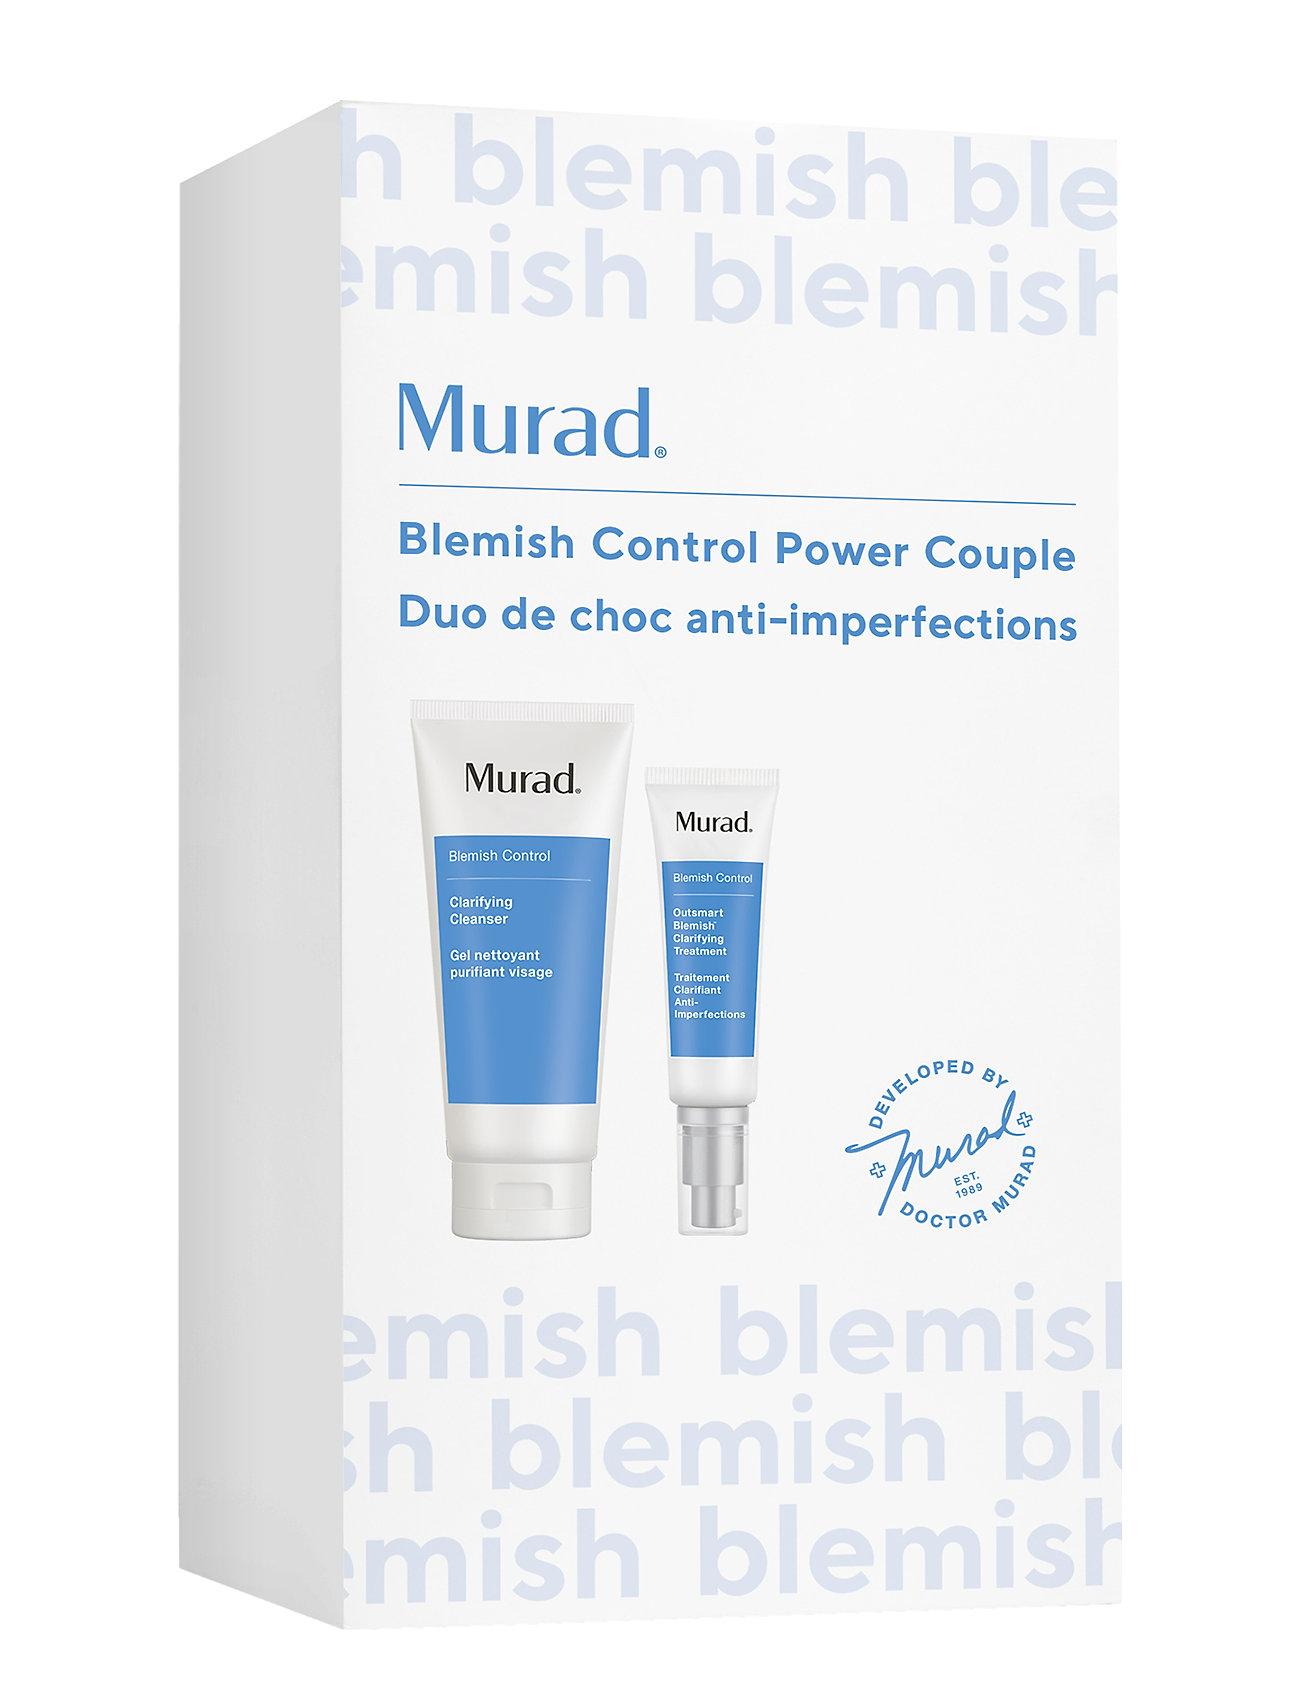 Murad Blemish Control Power Couple - NO COLOUR